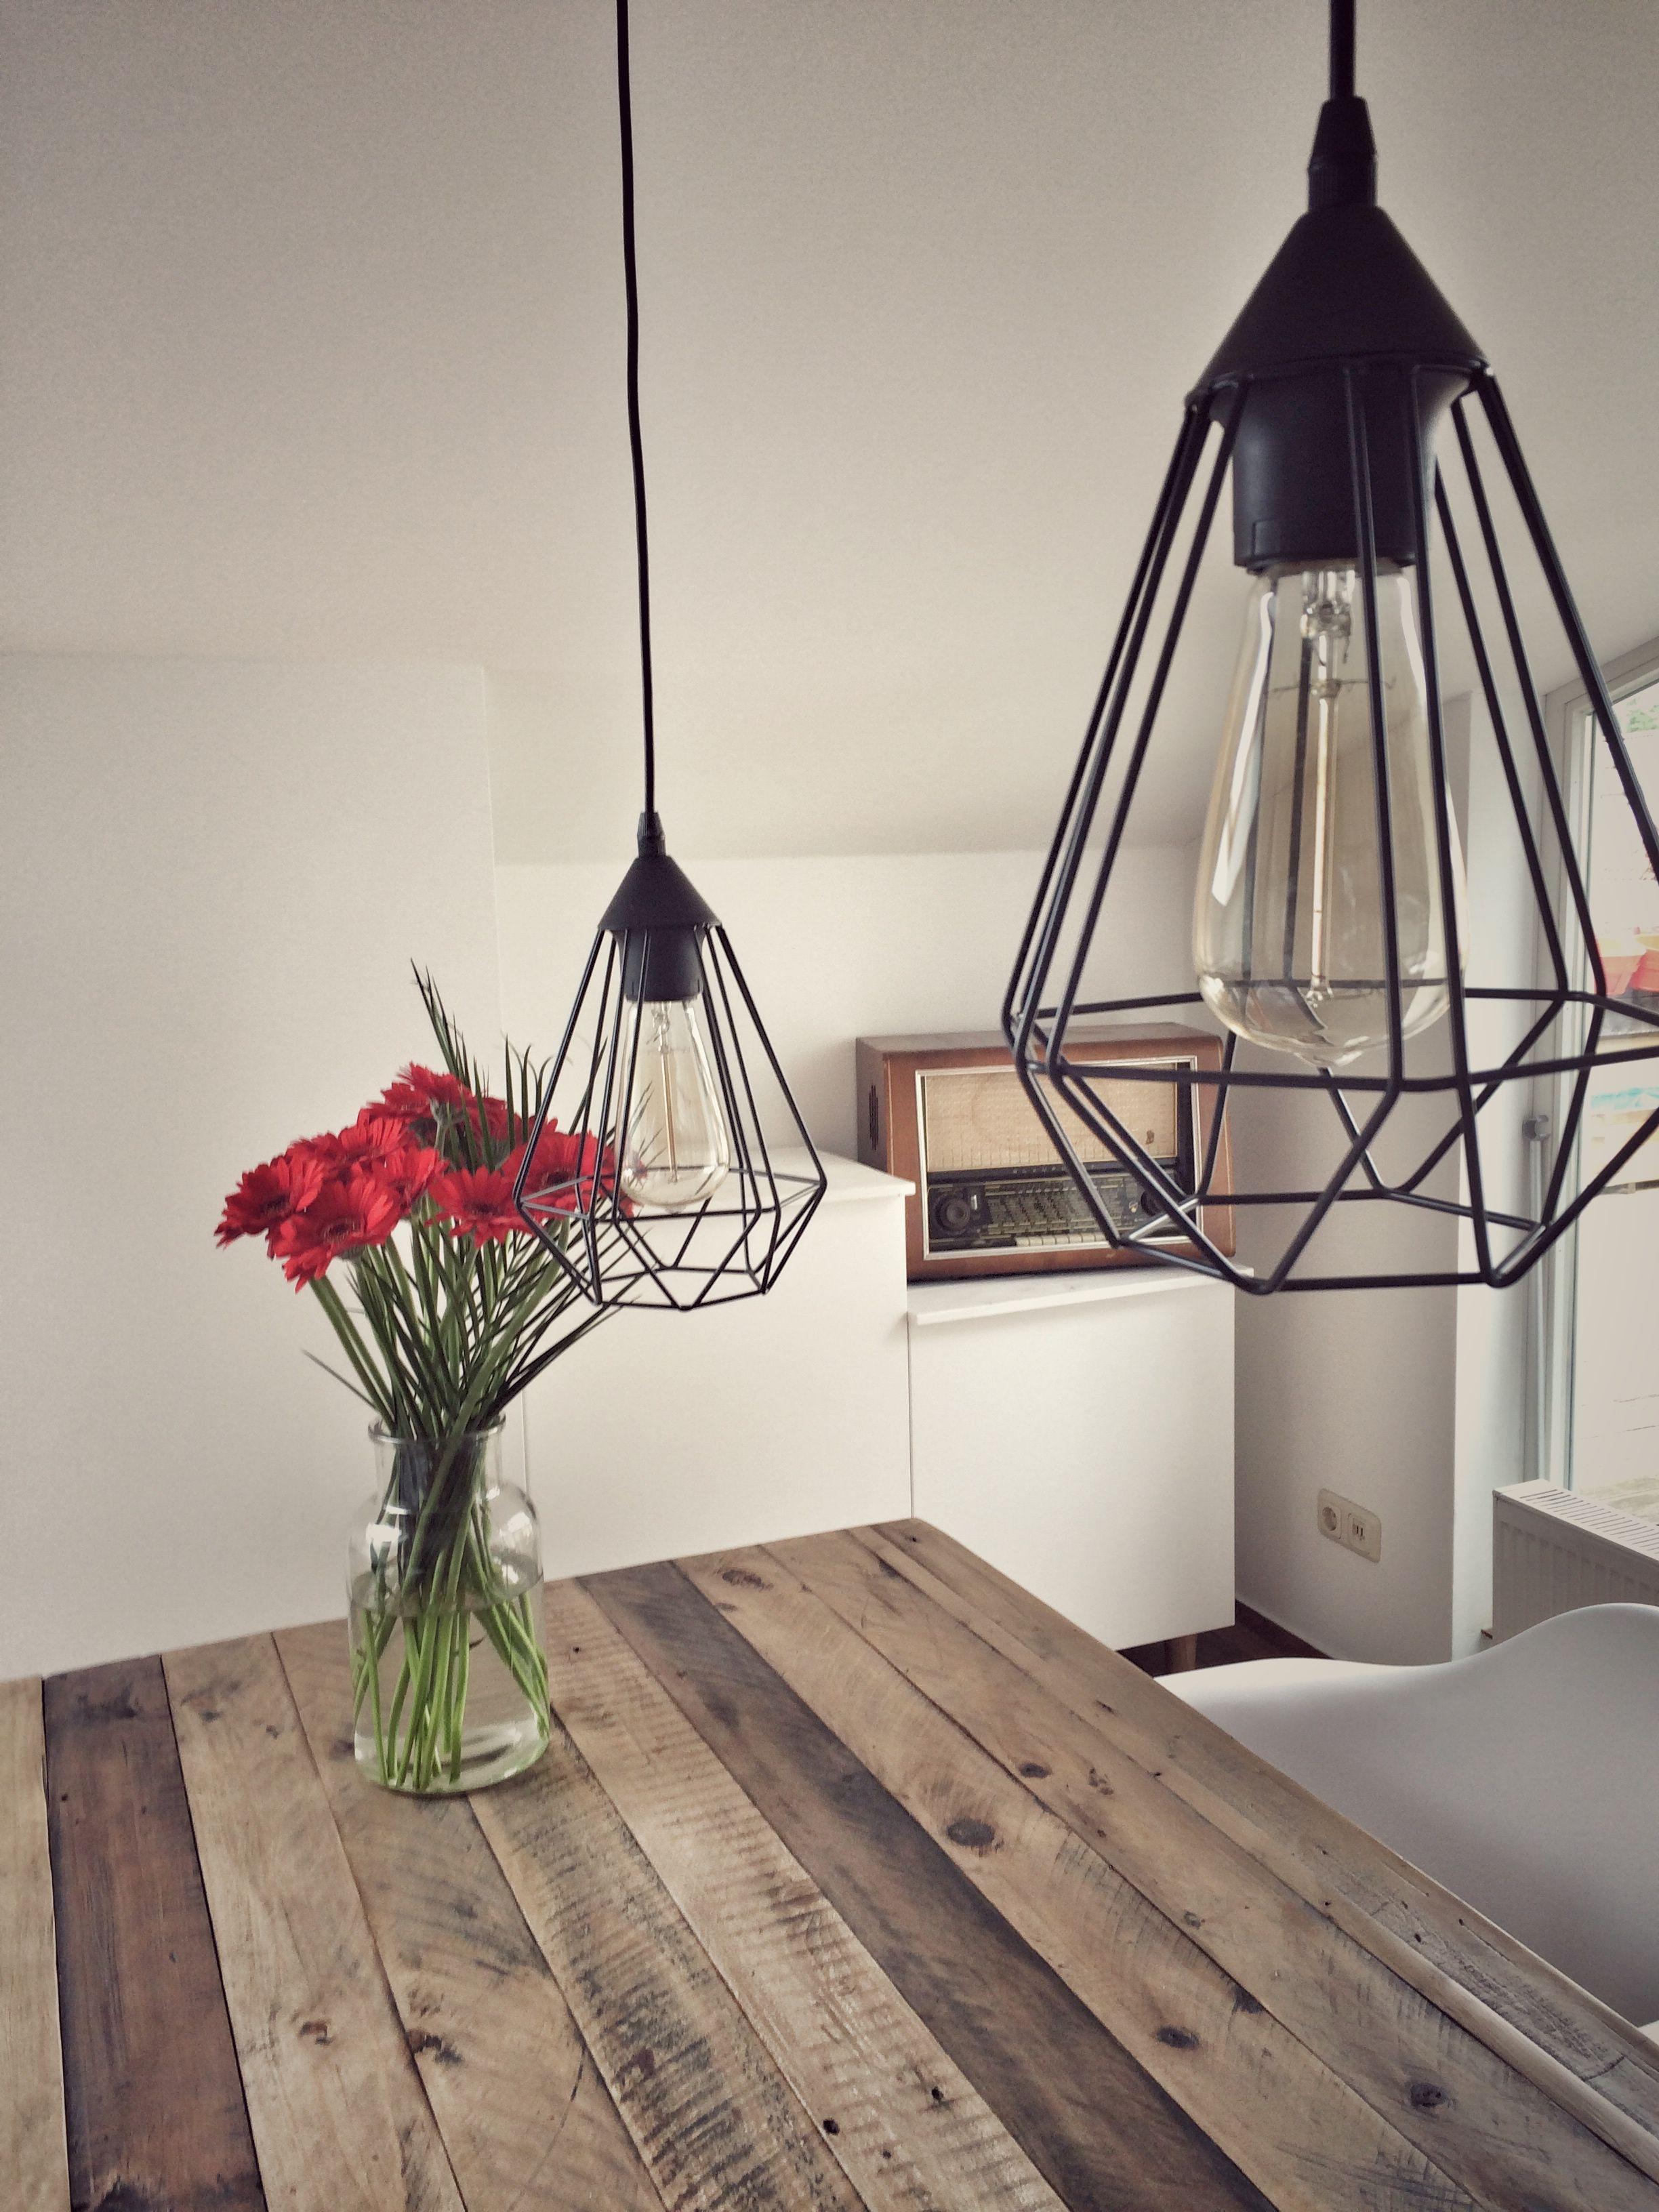 Neue Einrichtung Für Unser Esszimmer! Industrial Style   Massivholz    Polygon   Retro Radio